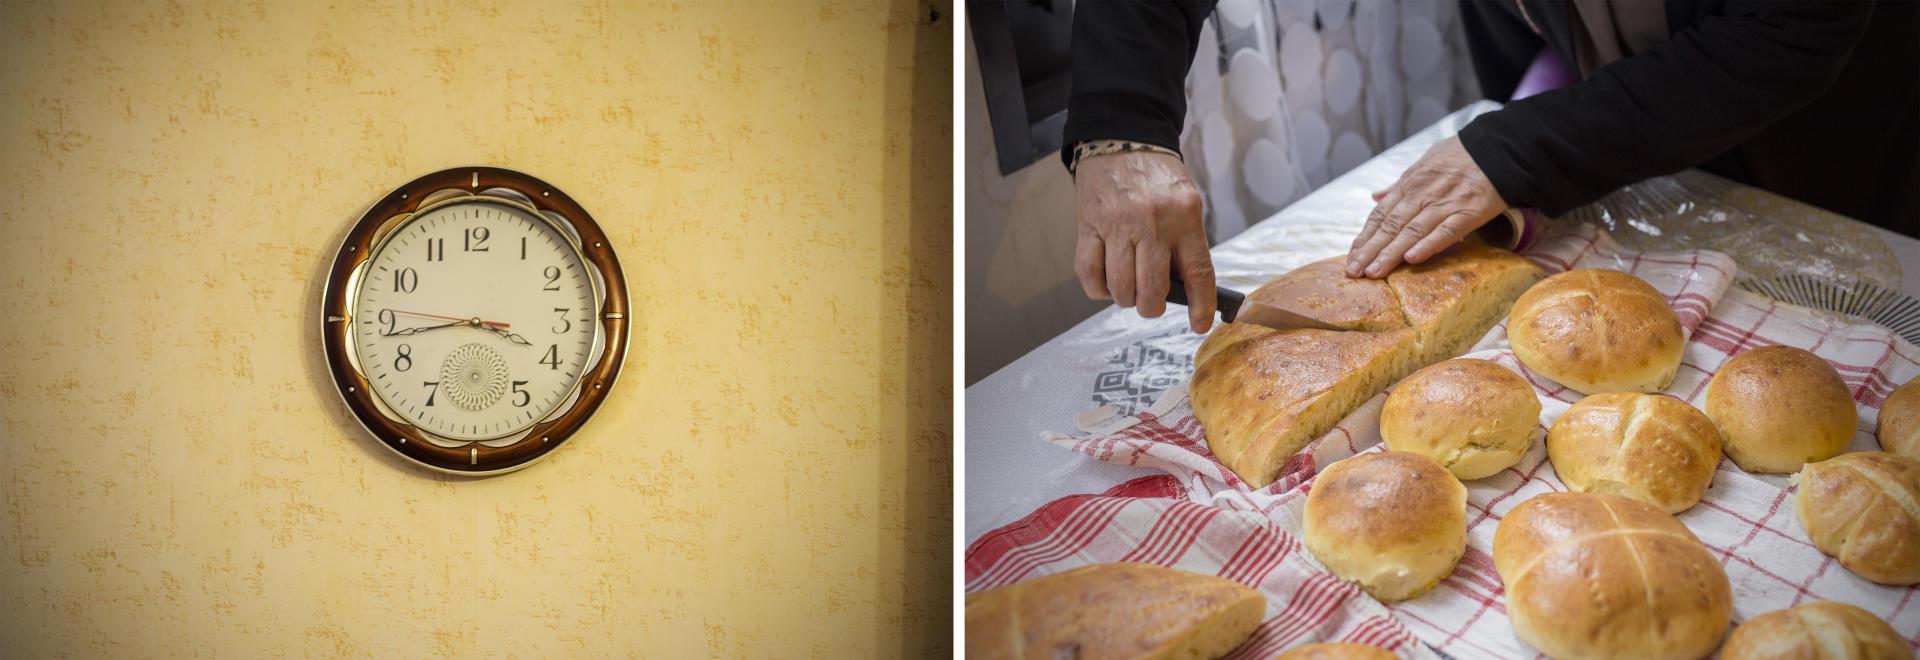 در سمت چپ ، در Katouja Attouche ، ساعت برای صبحانه متوقف شده است.  در سمت راست ، زورا بنومر برای